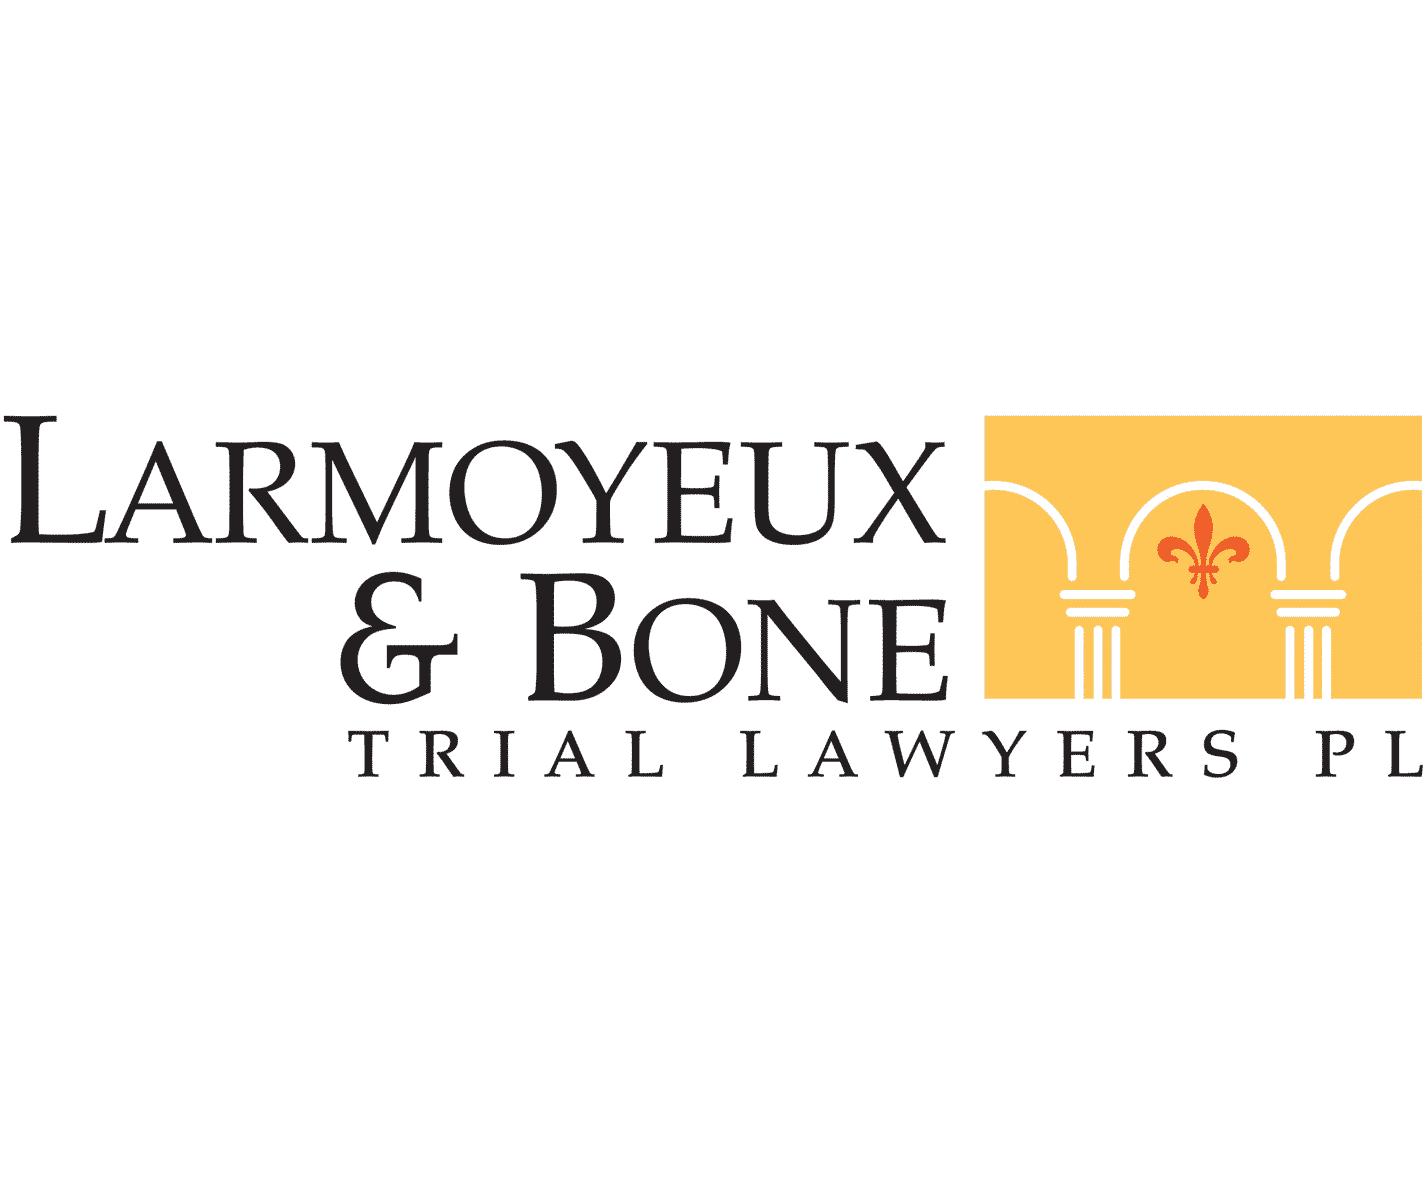 Larmoyeux-Bone